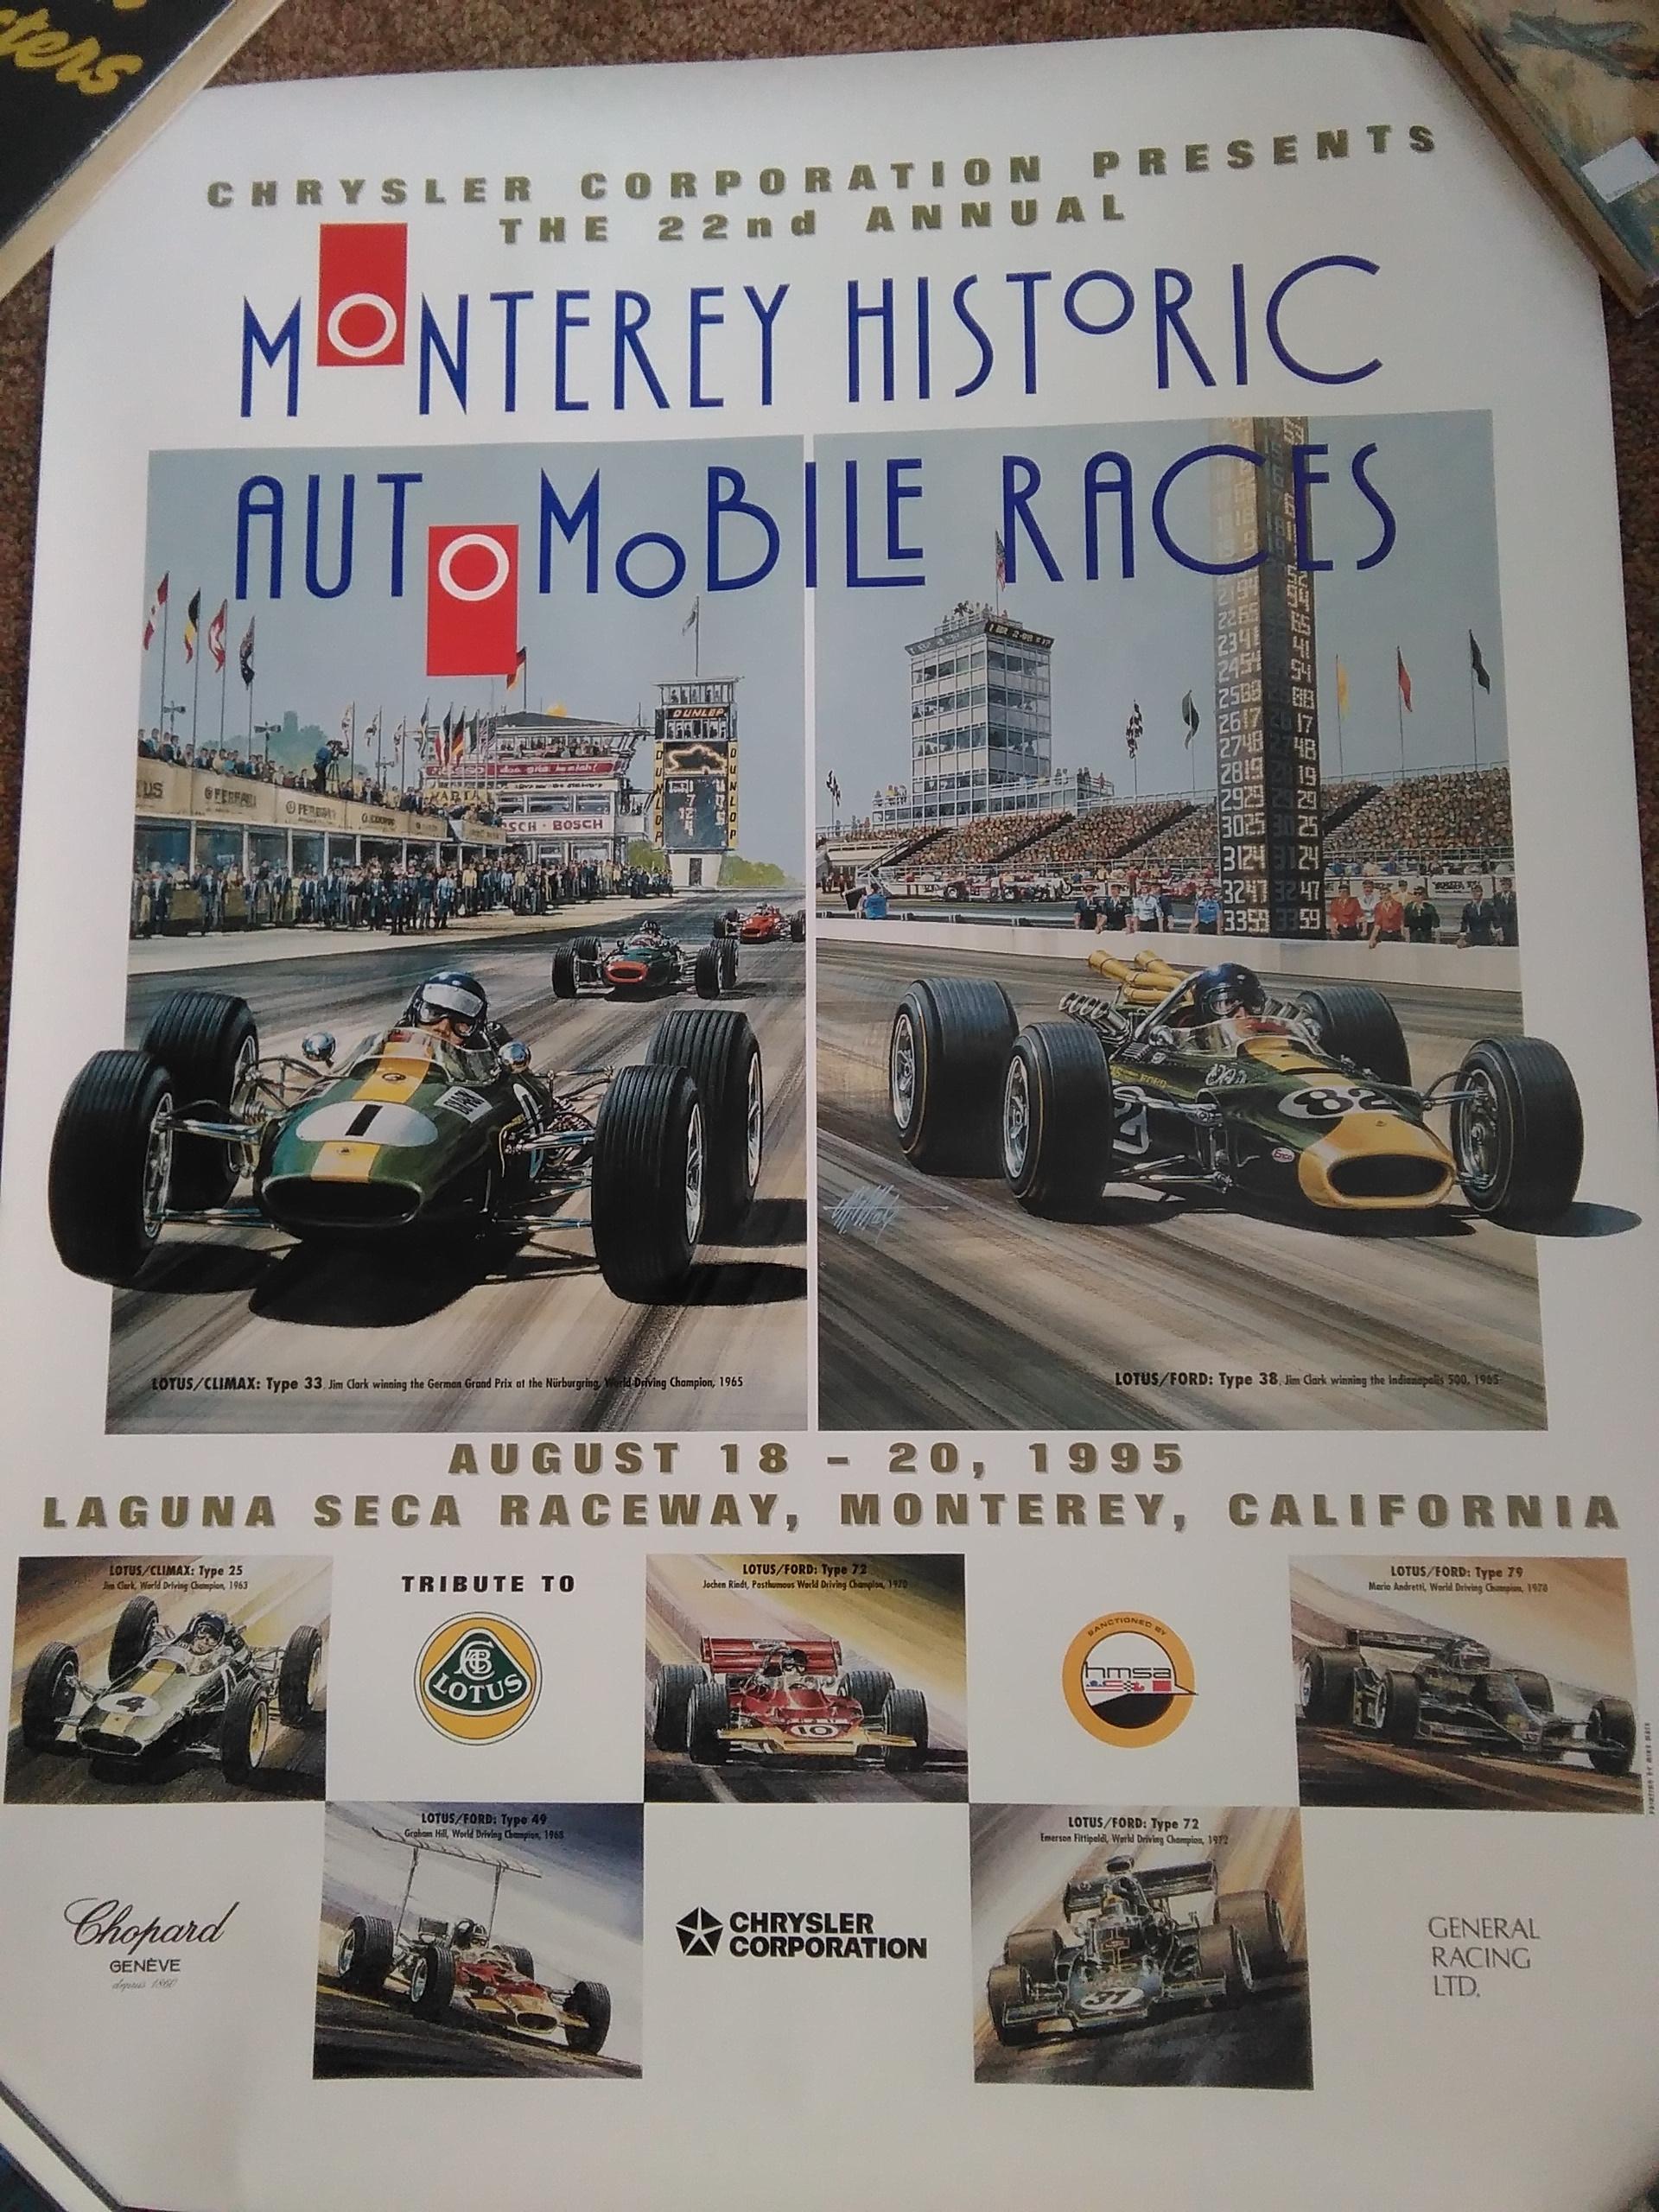 Monterey Historic-Lotus-Clark